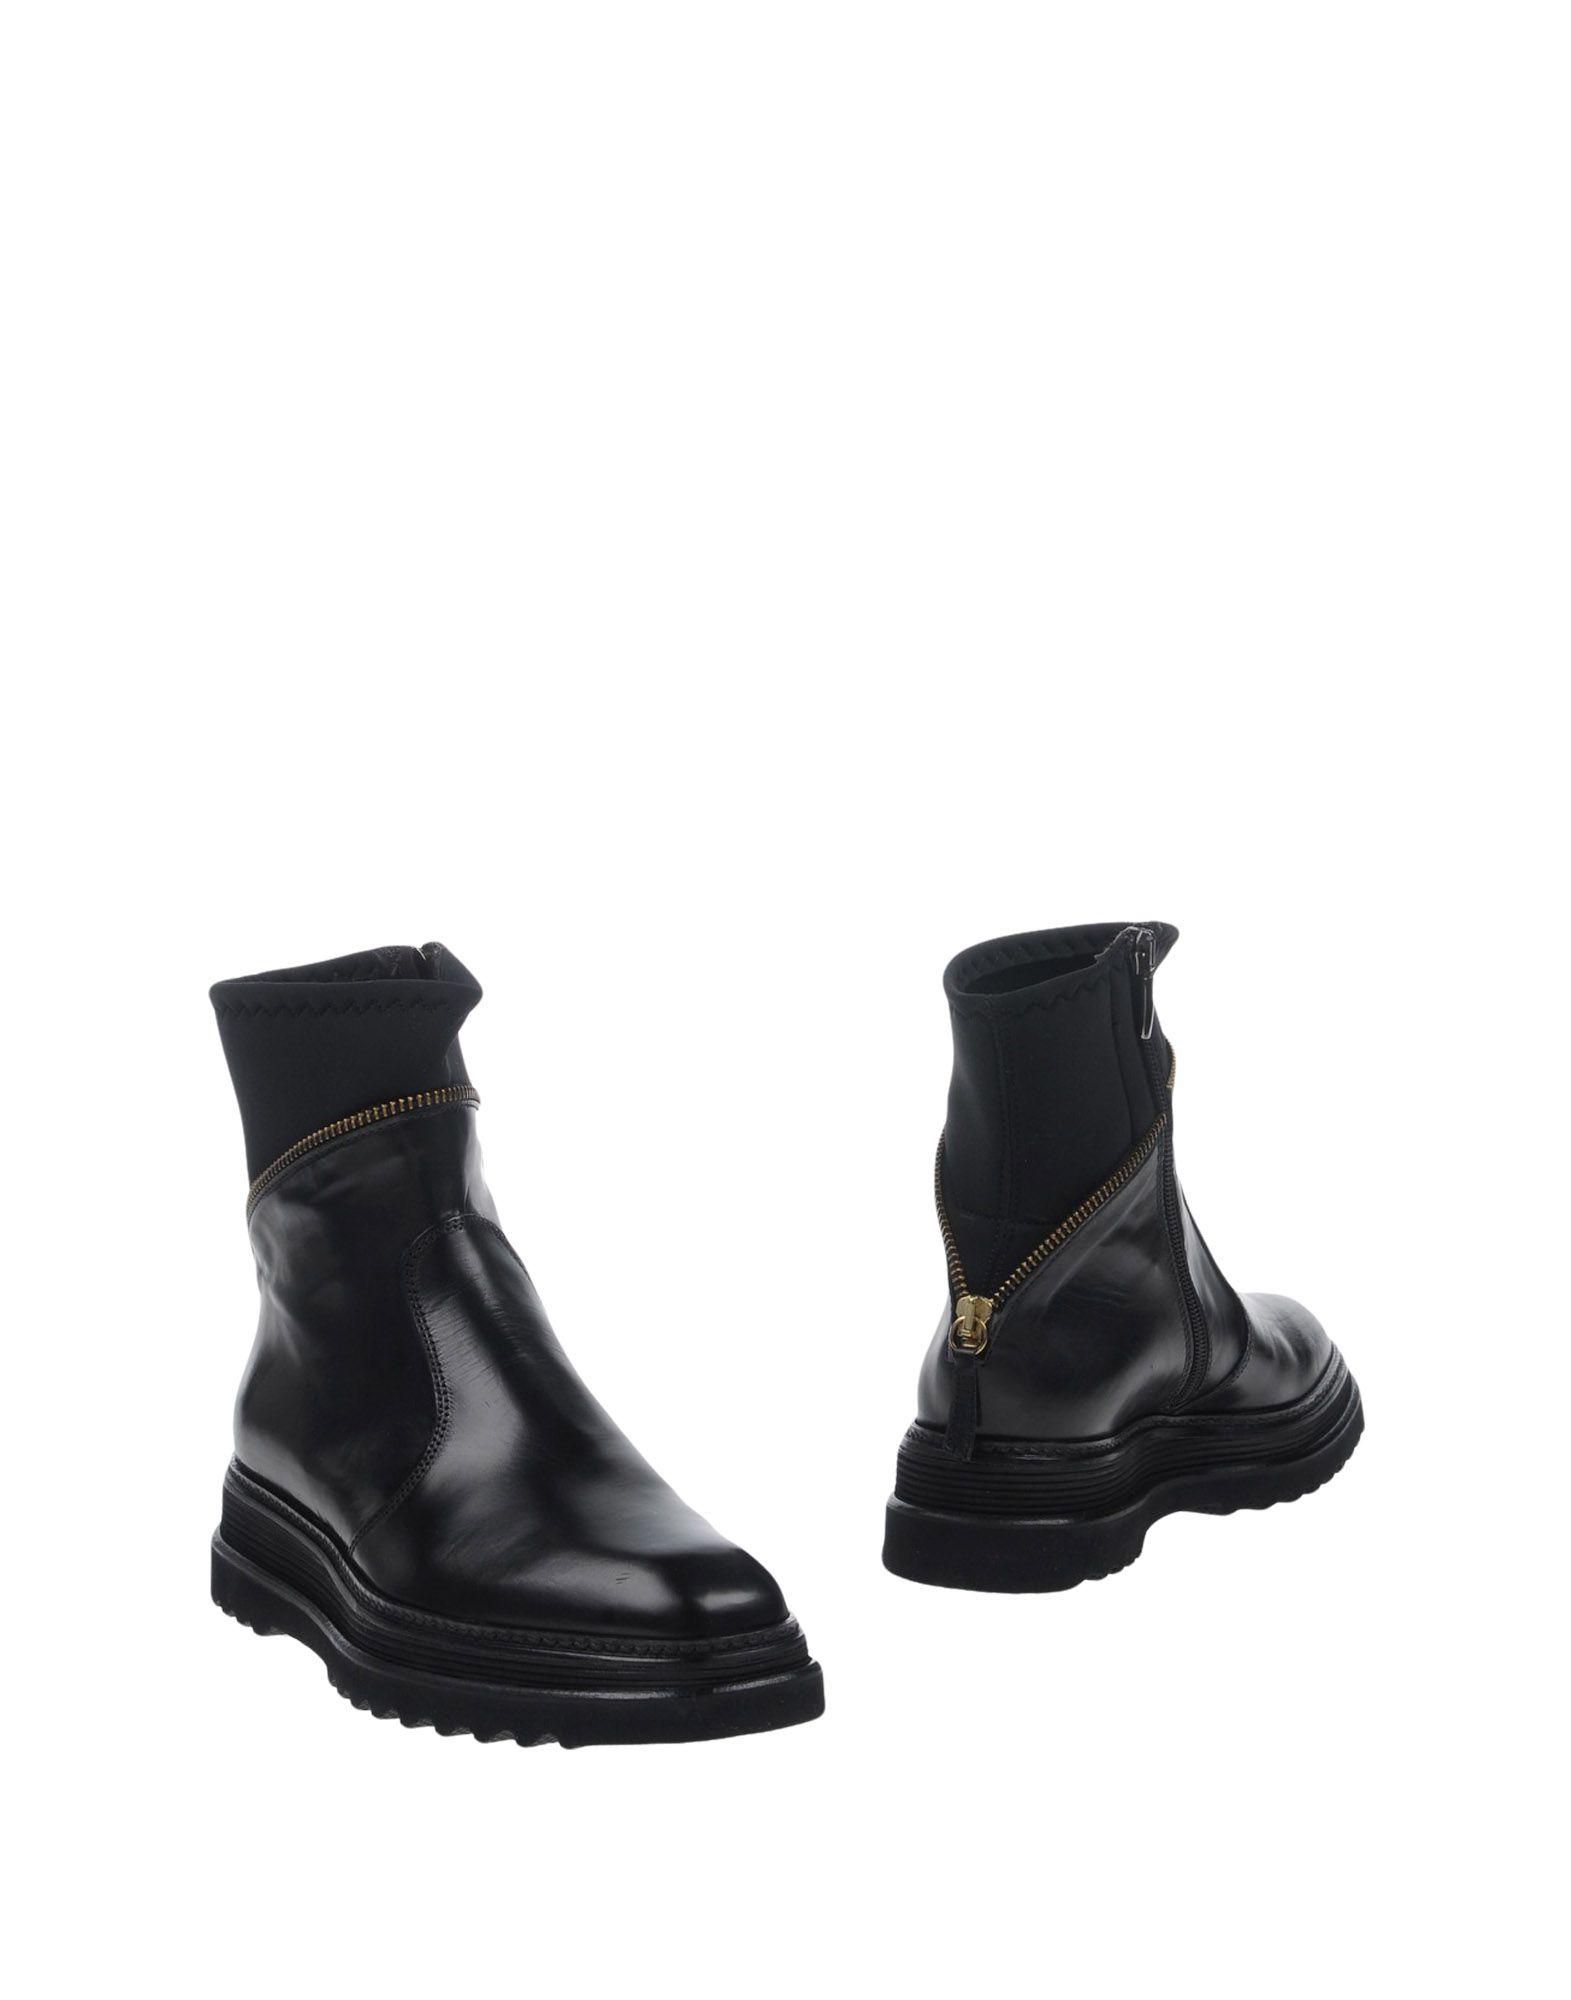 Gut um billige Stiefelette Schuhe zu tragenLaura Bellariva Stiefelette billige Damen  11248725BX 9359c2